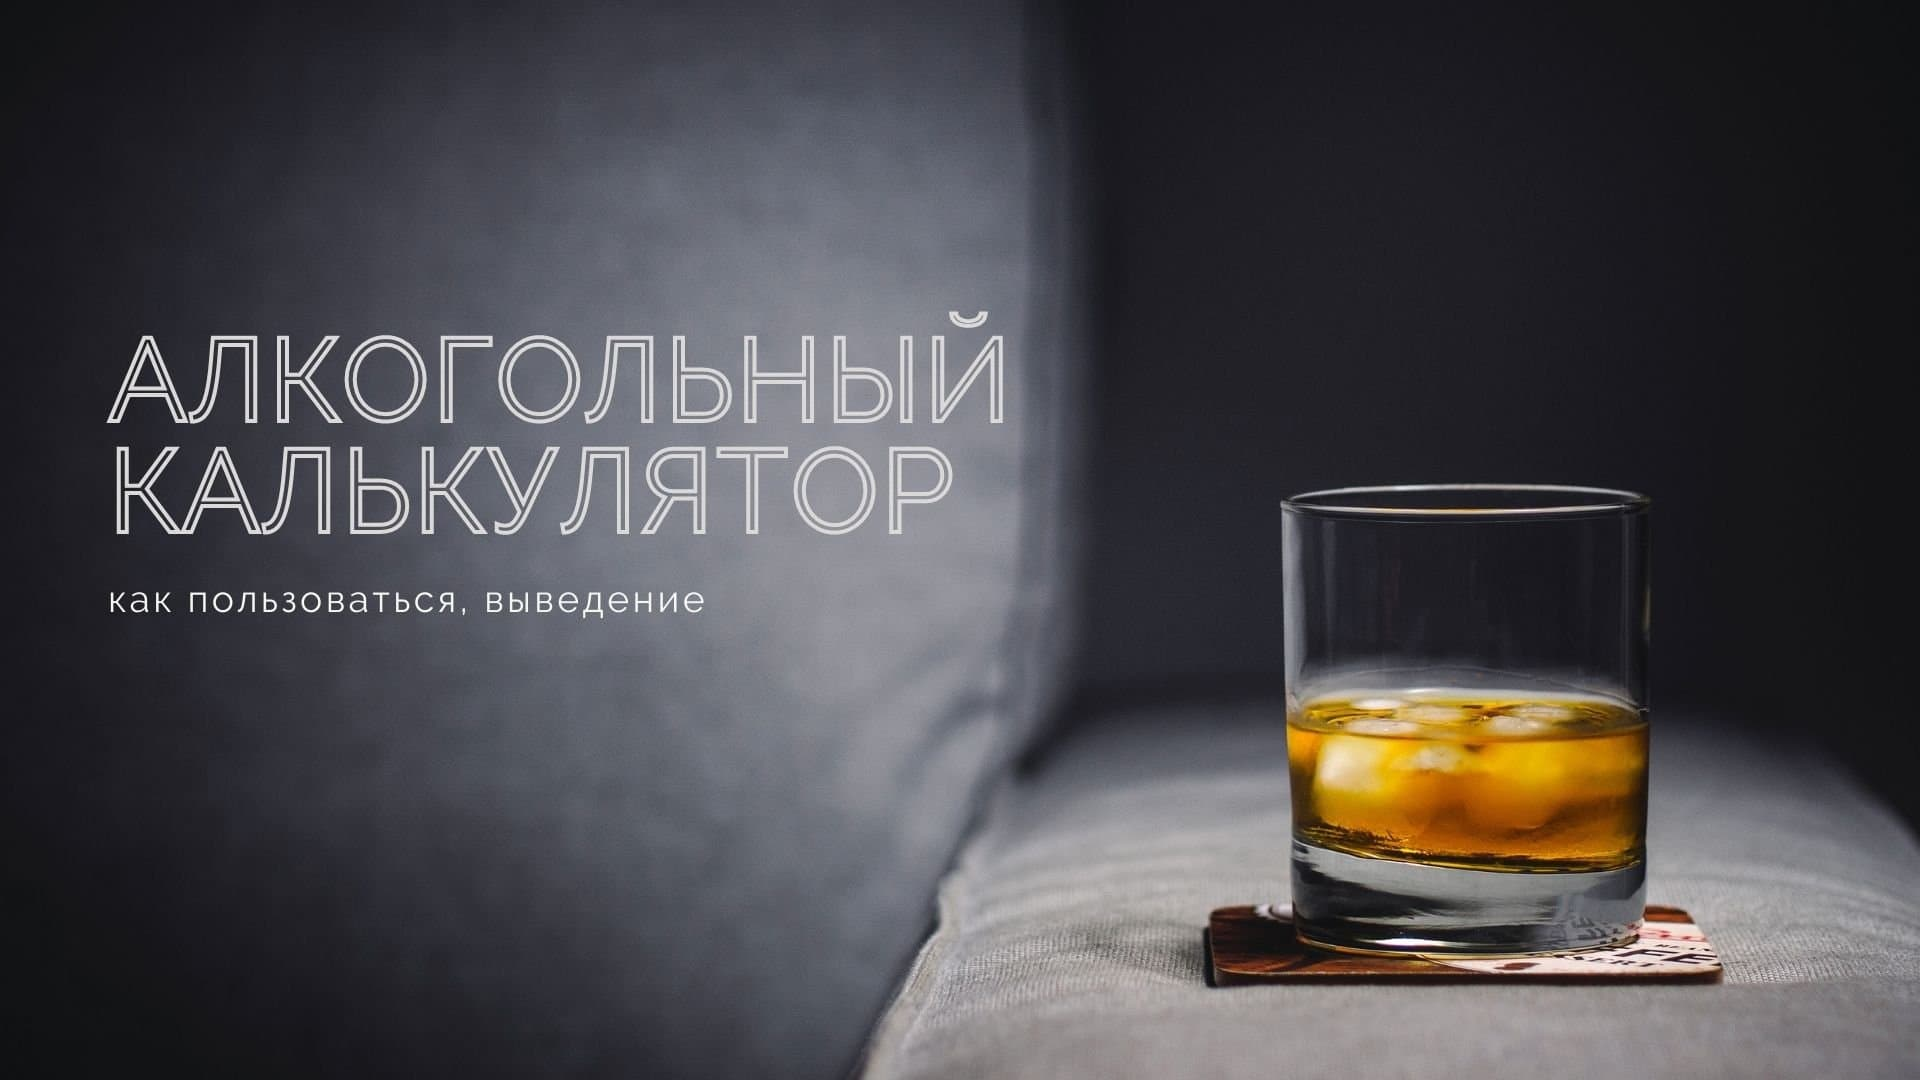 Алкогольный калькулятор: как пользоваться, выведение (онлайн подсчёт)